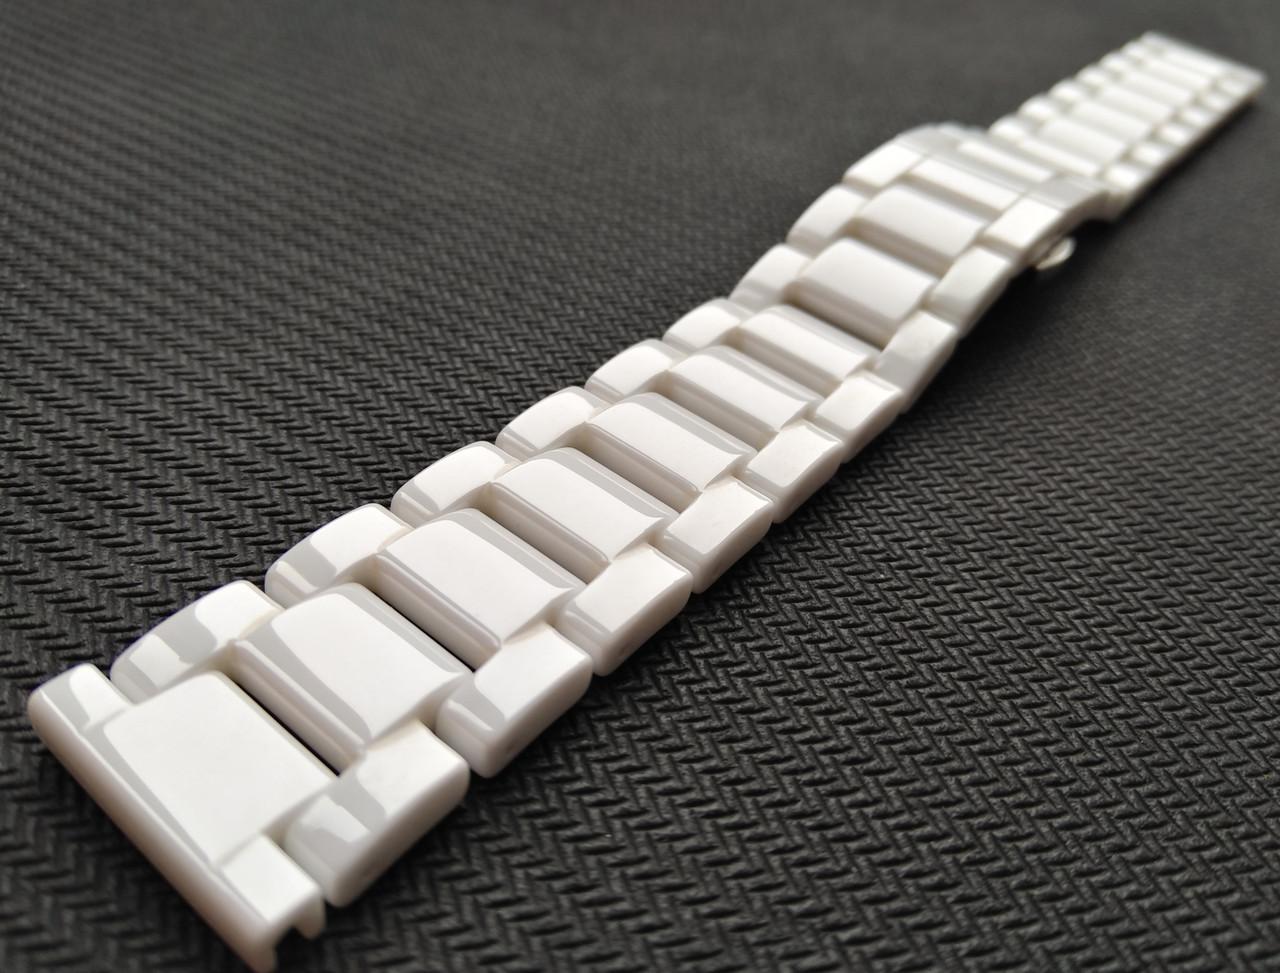 Браслет для часов, керамический. Белый. 20 мм